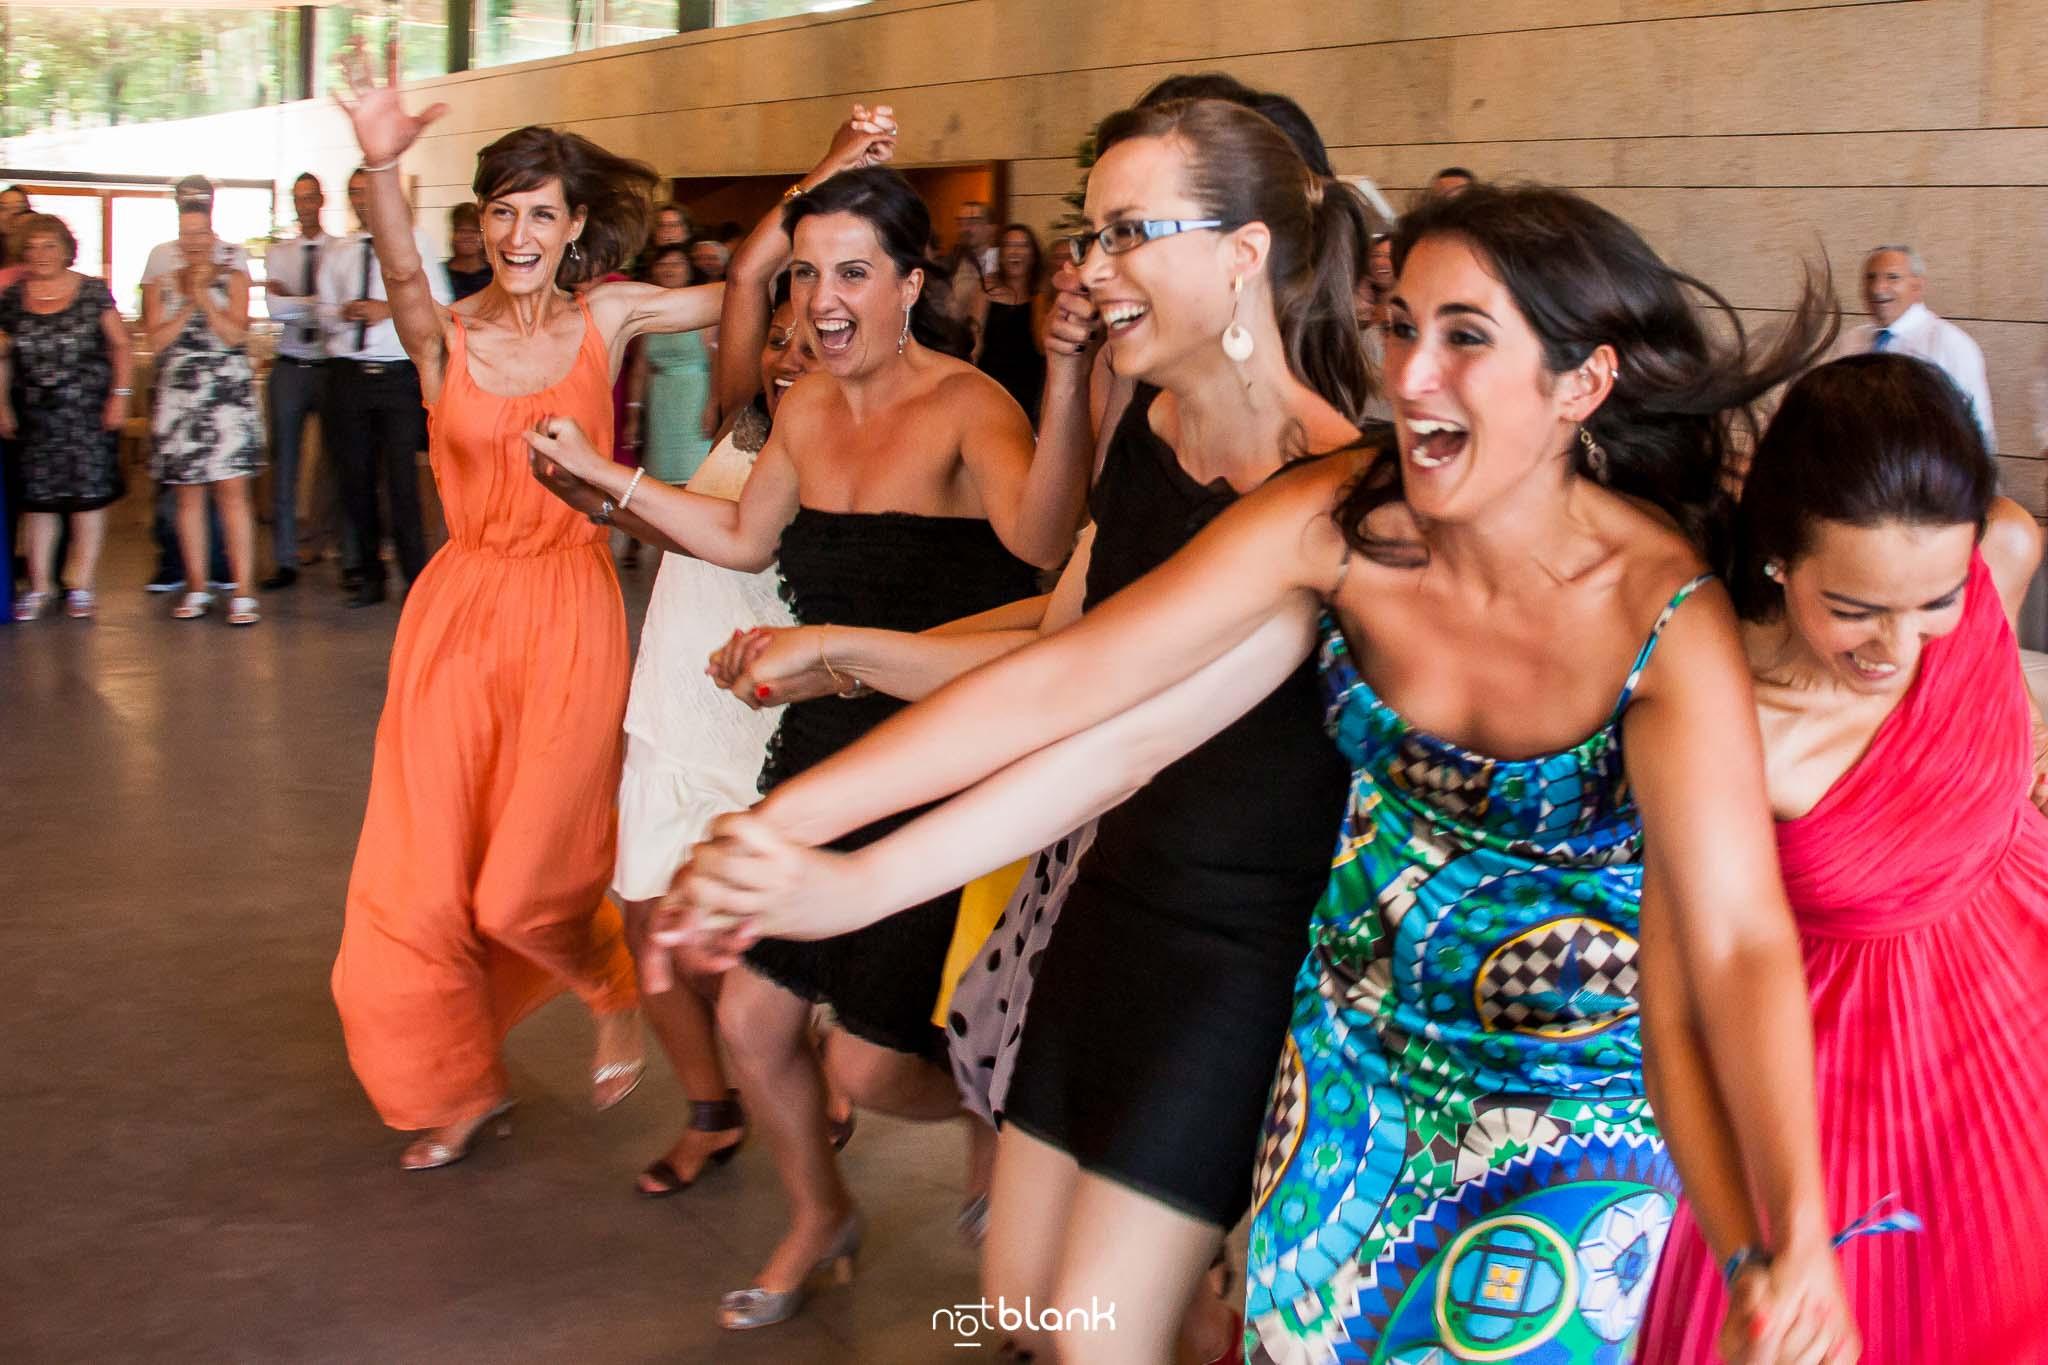 notblank-boda-Fotógrafo de boda-Pazo de Cea-Nigrán-Fiesta-Amigas